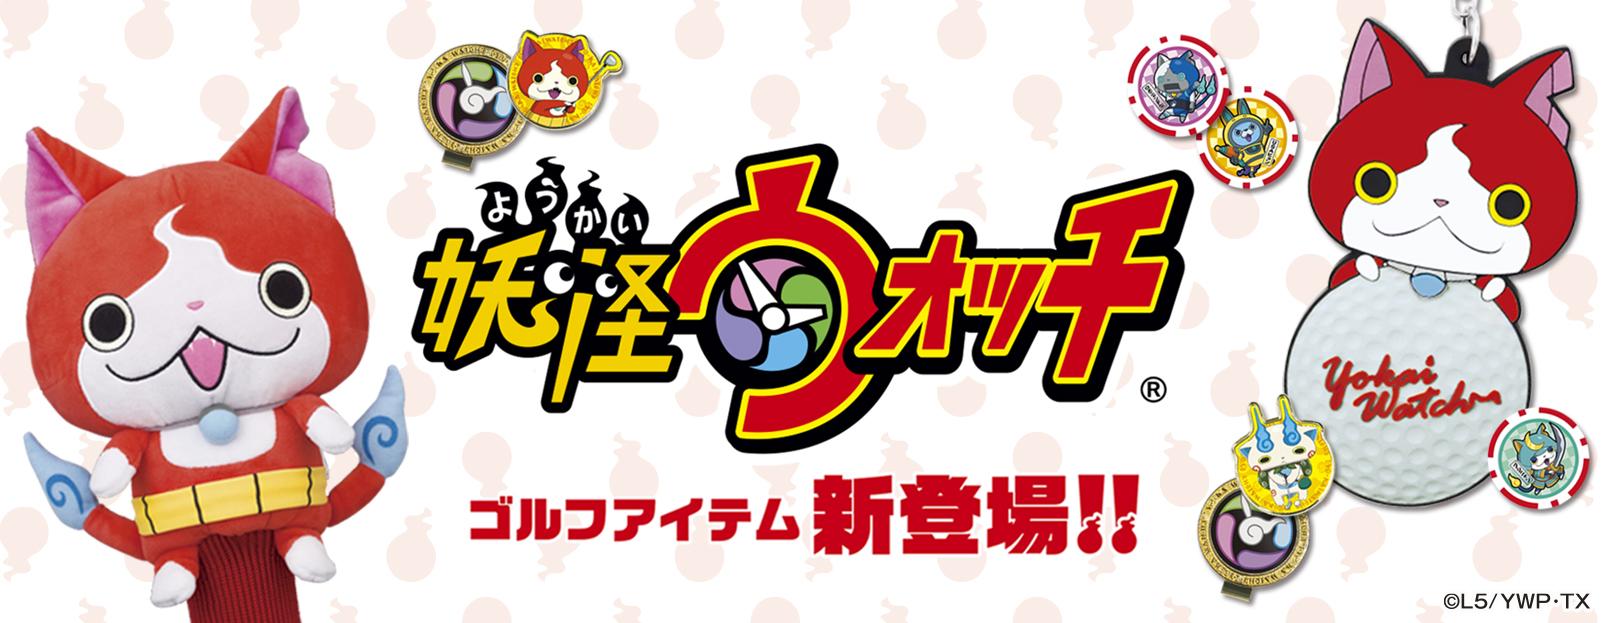 『妖怪ウォッチ』「ジバニャン」ゴルフアイテム発売!!